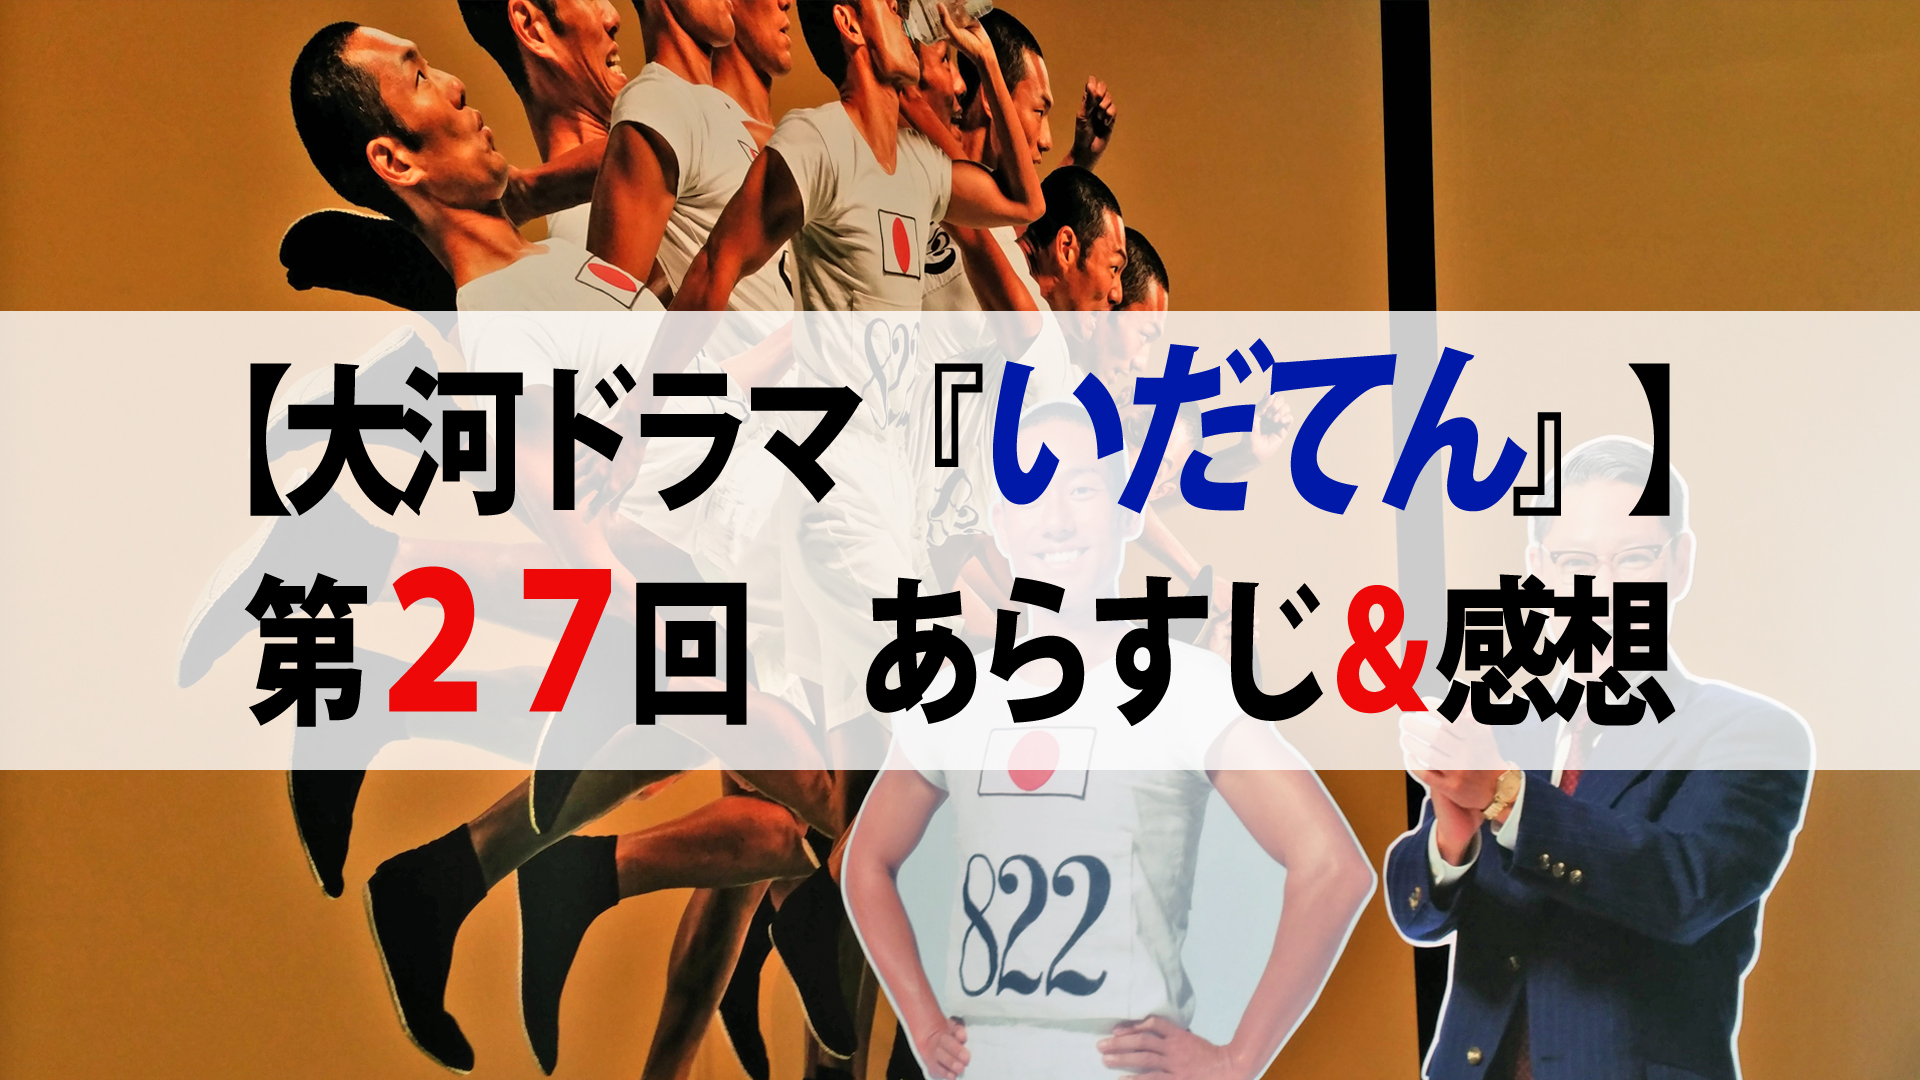 【大河ドラマ『いだてん』】第27回『替り目』あらすじ&感想